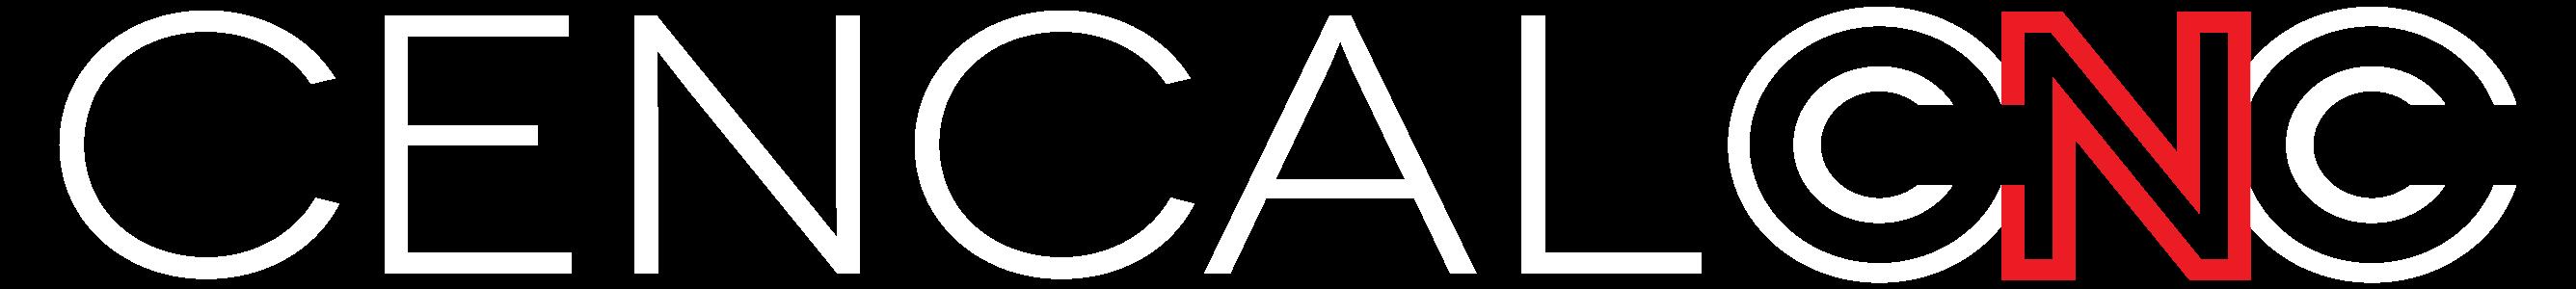 Cencal CNC Logo